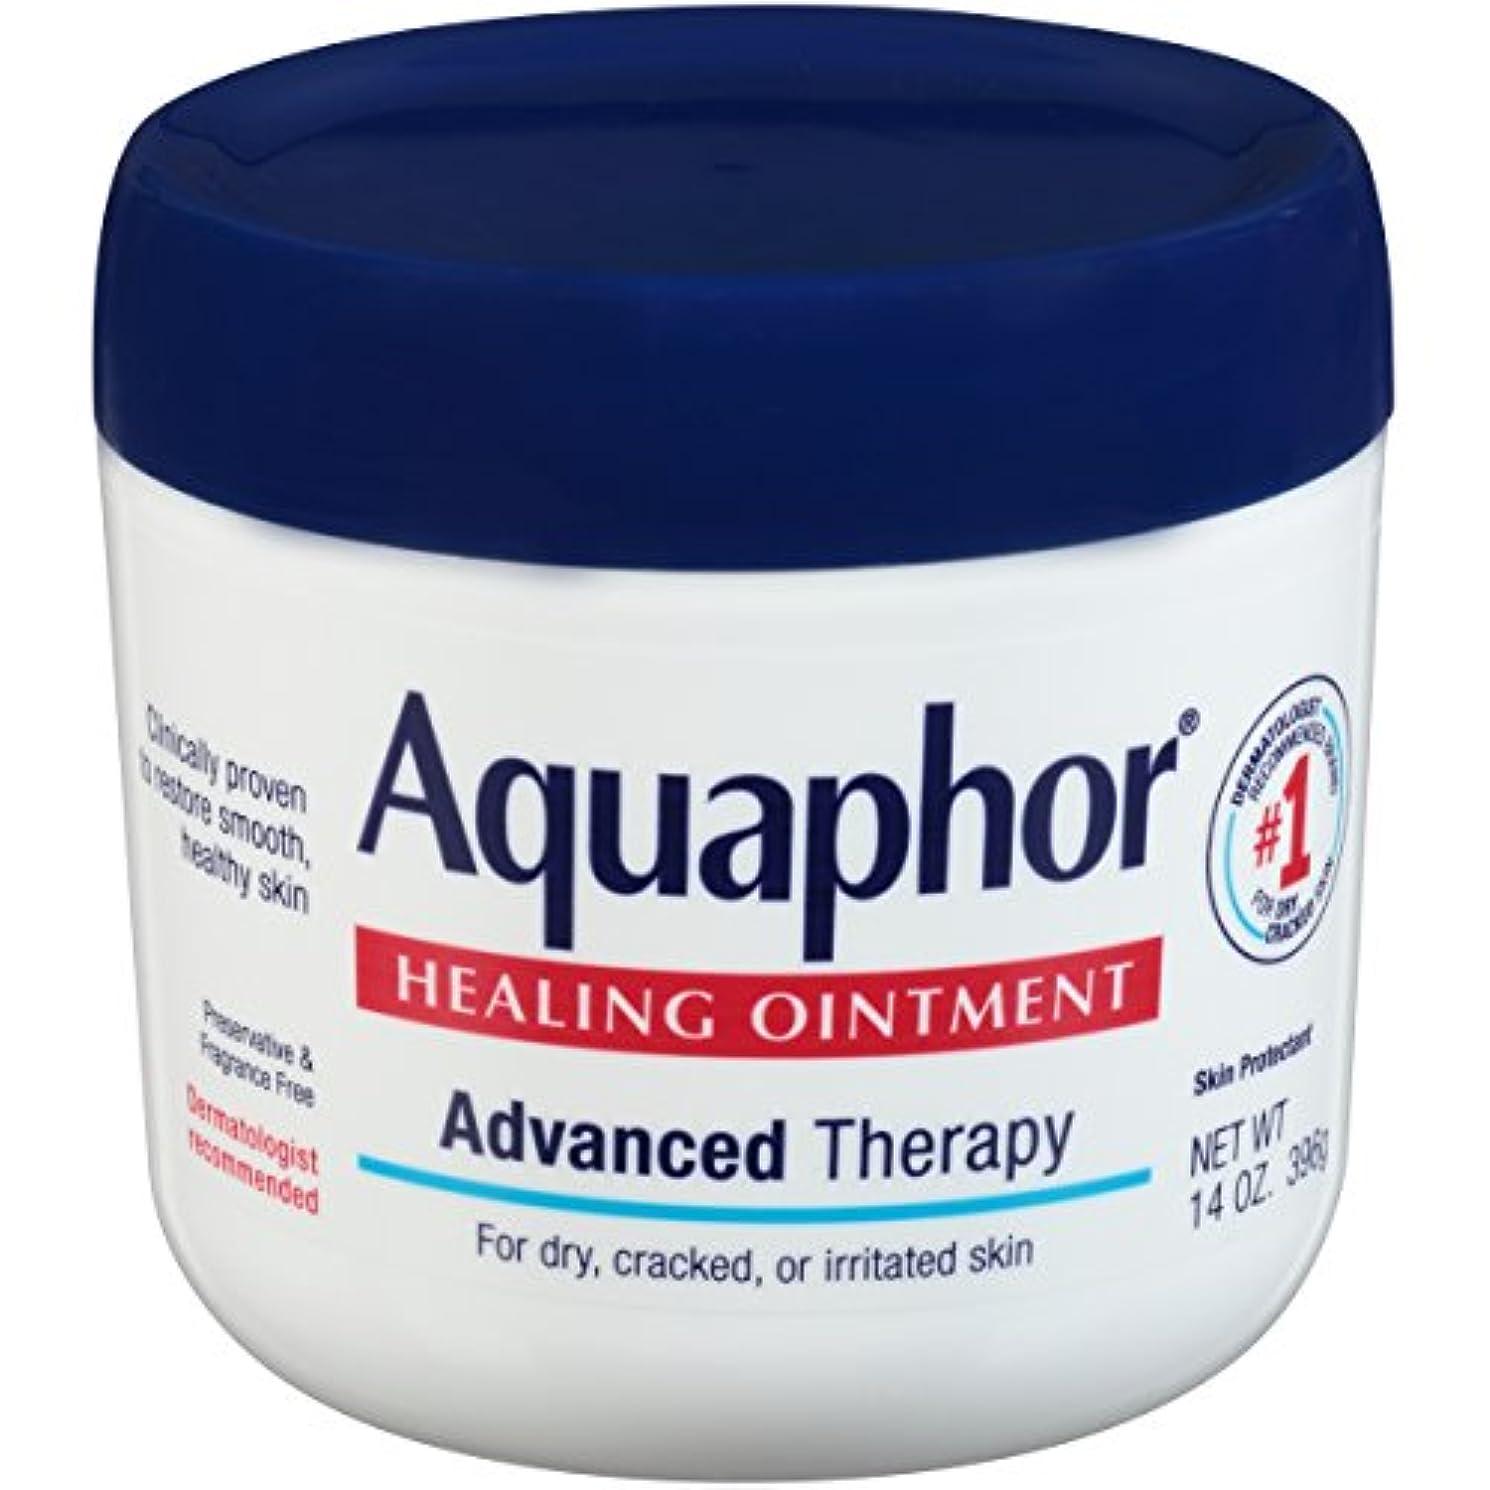 技術ゴムガム海外直送品Aquaphor Advanced Therapy Healing Ointment, 14 oz by Aquaphor